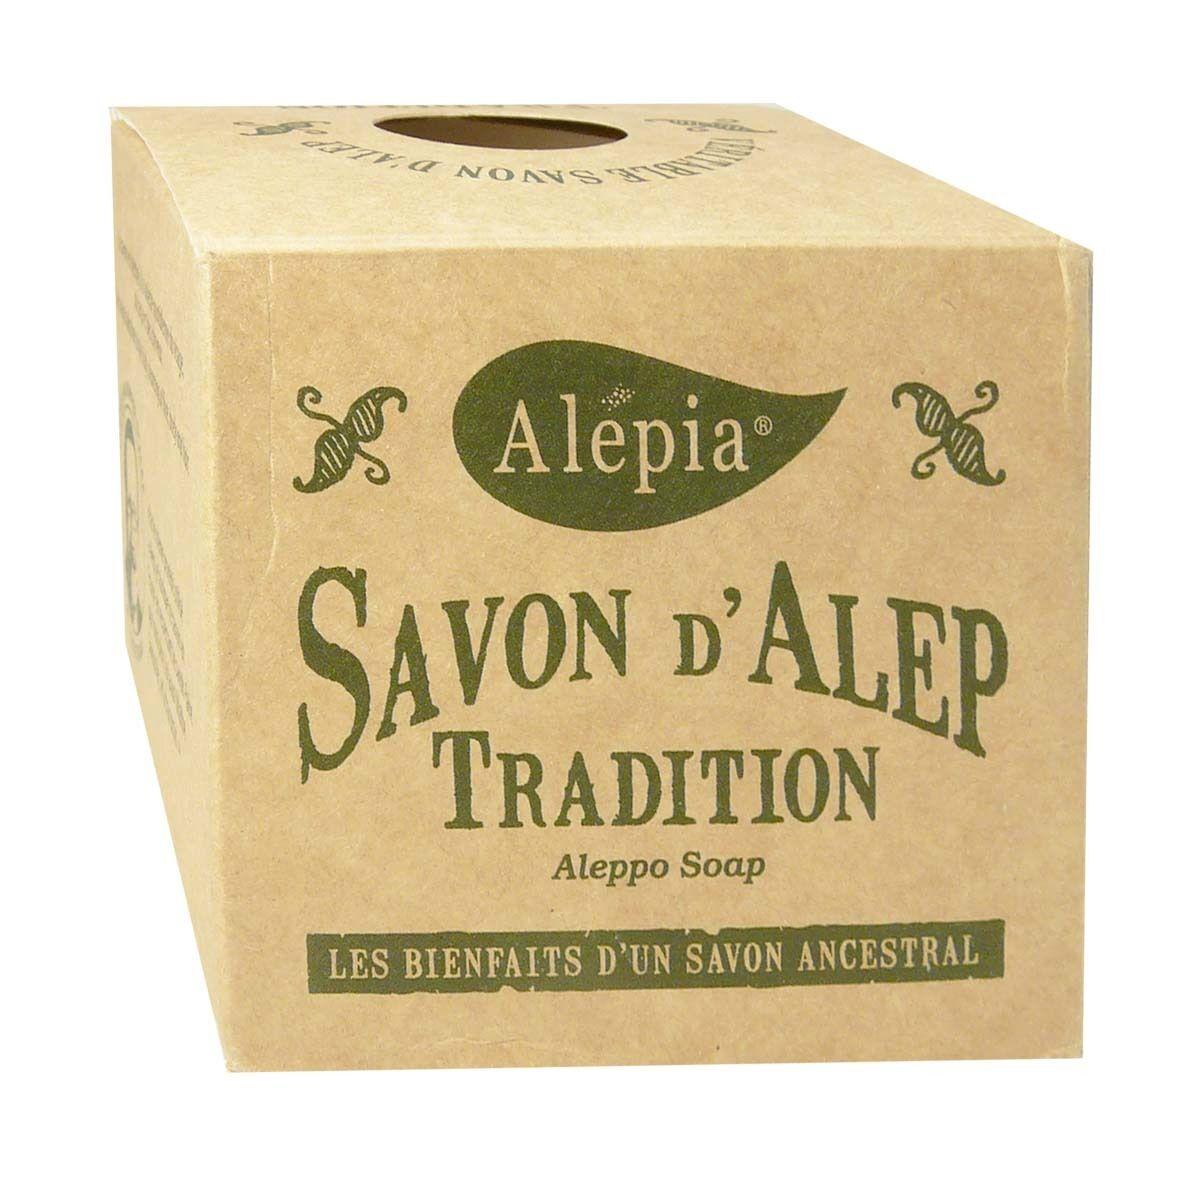 Alepia savon d'alep tradition 190g